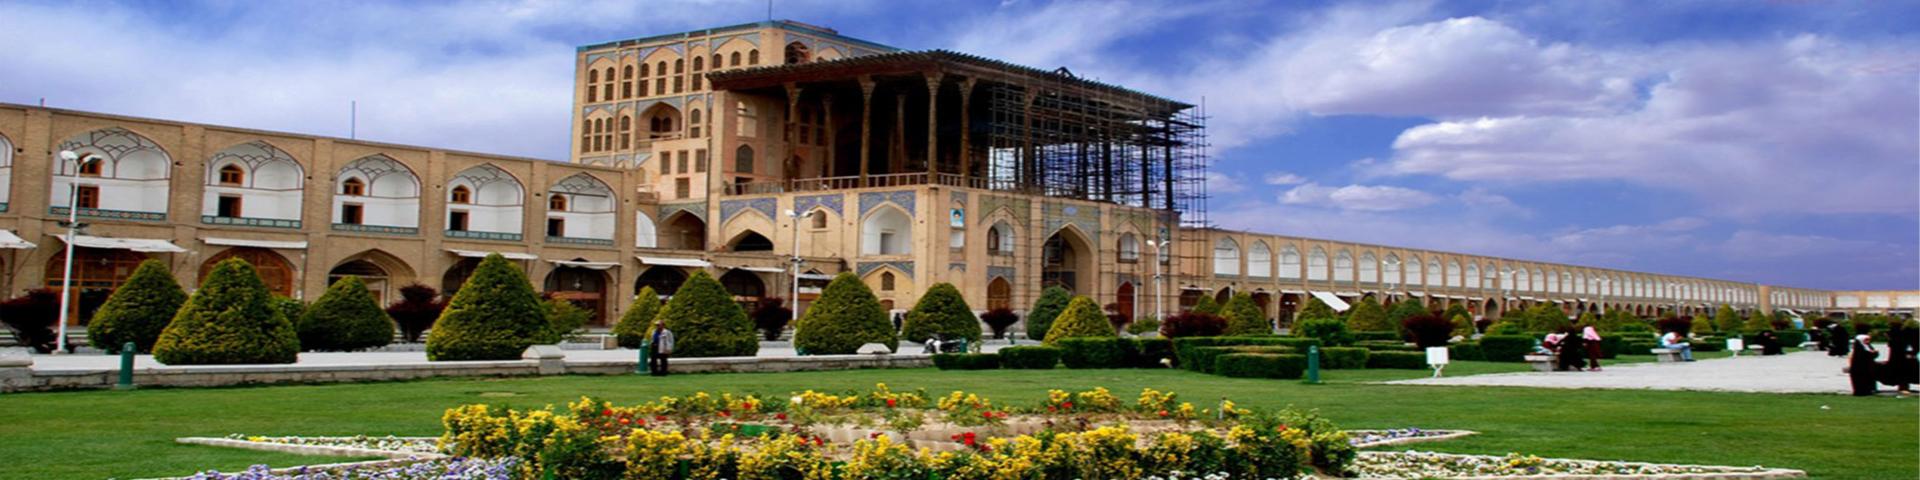 تورهای اصفهان همیشه سفر